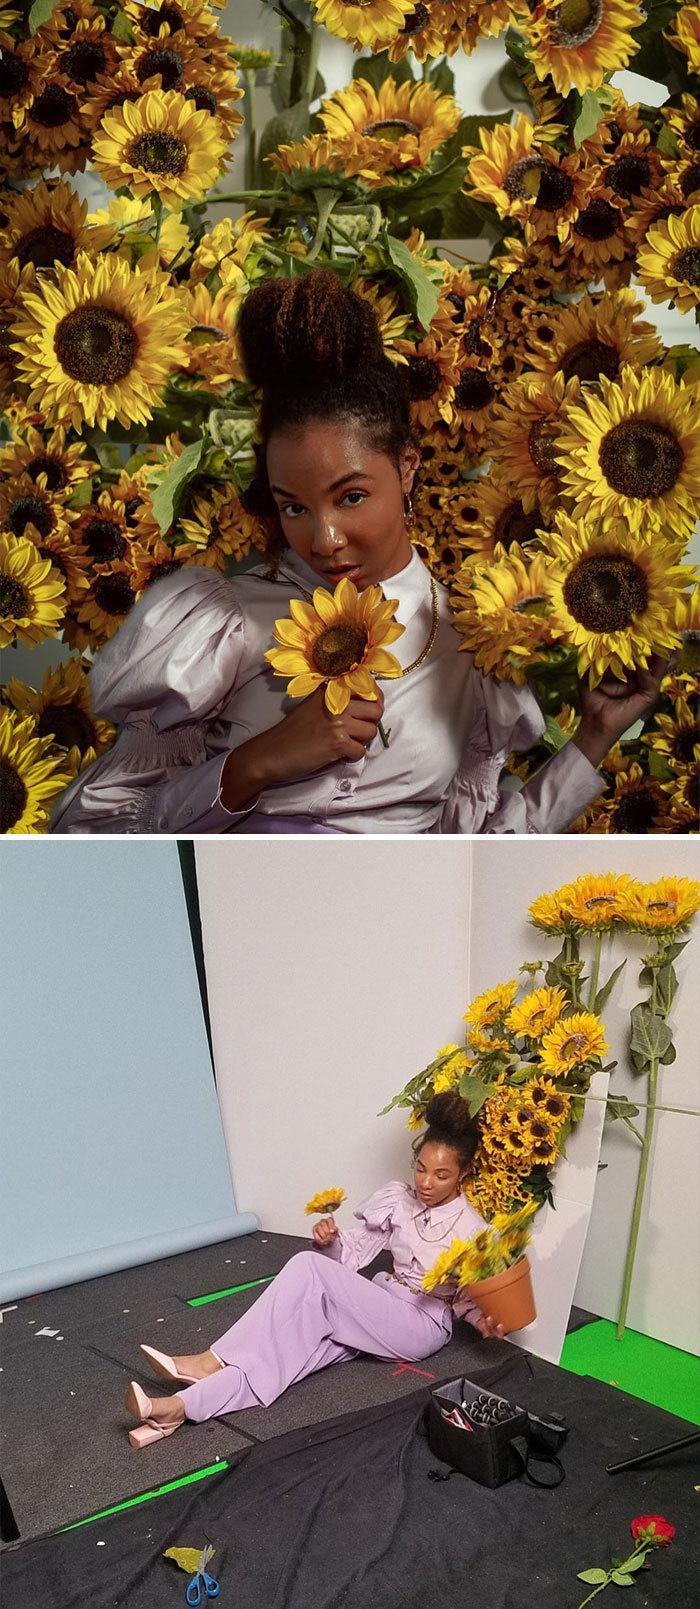 Modelo tira autorretratos dignos de capa de revista em casa totalmente sozinha 17